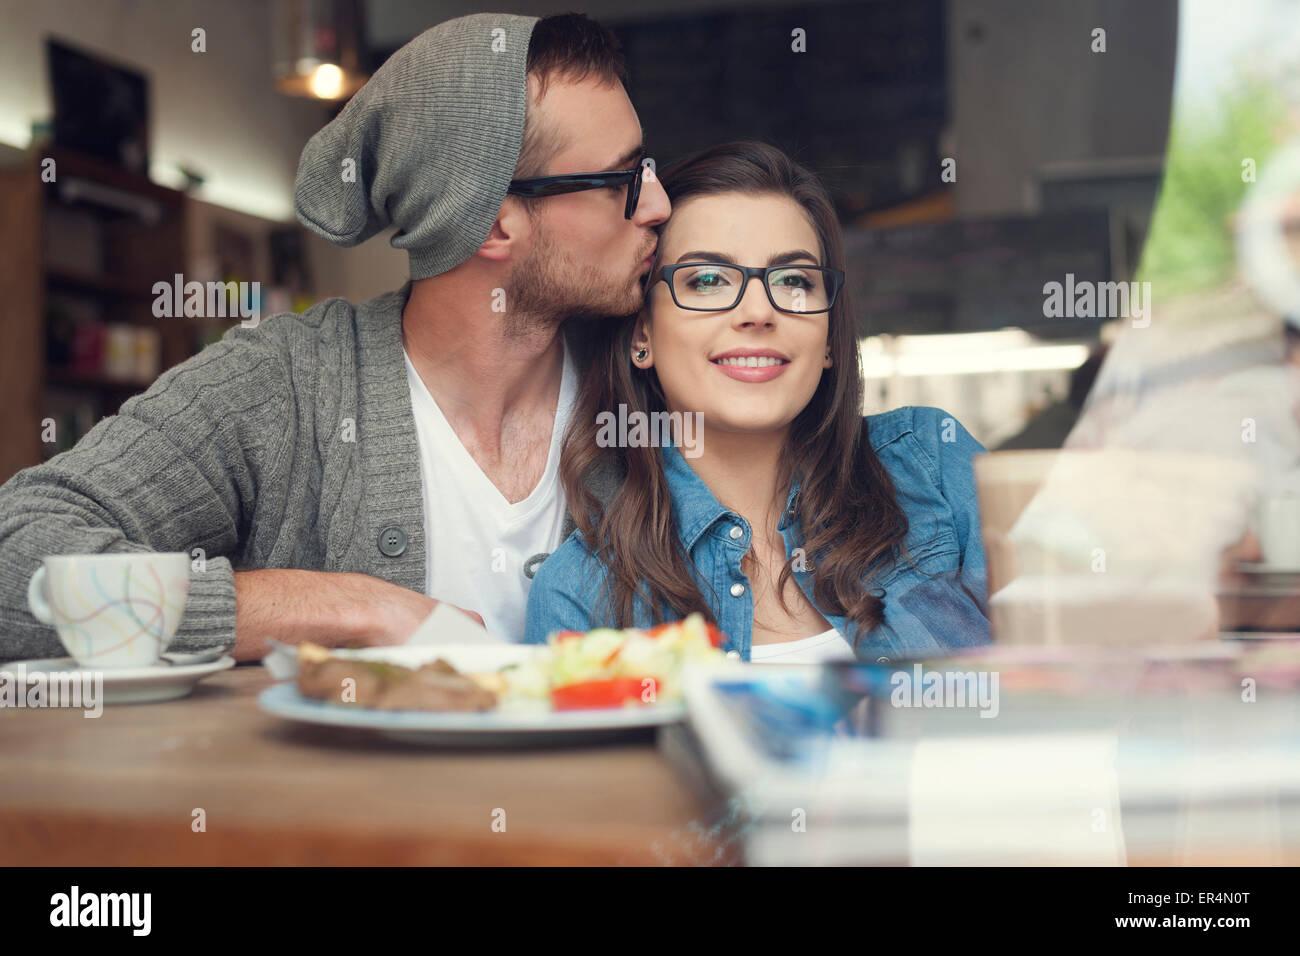 Romantische Zeit zu zweit am Café. Krakau, Polen Stockbild